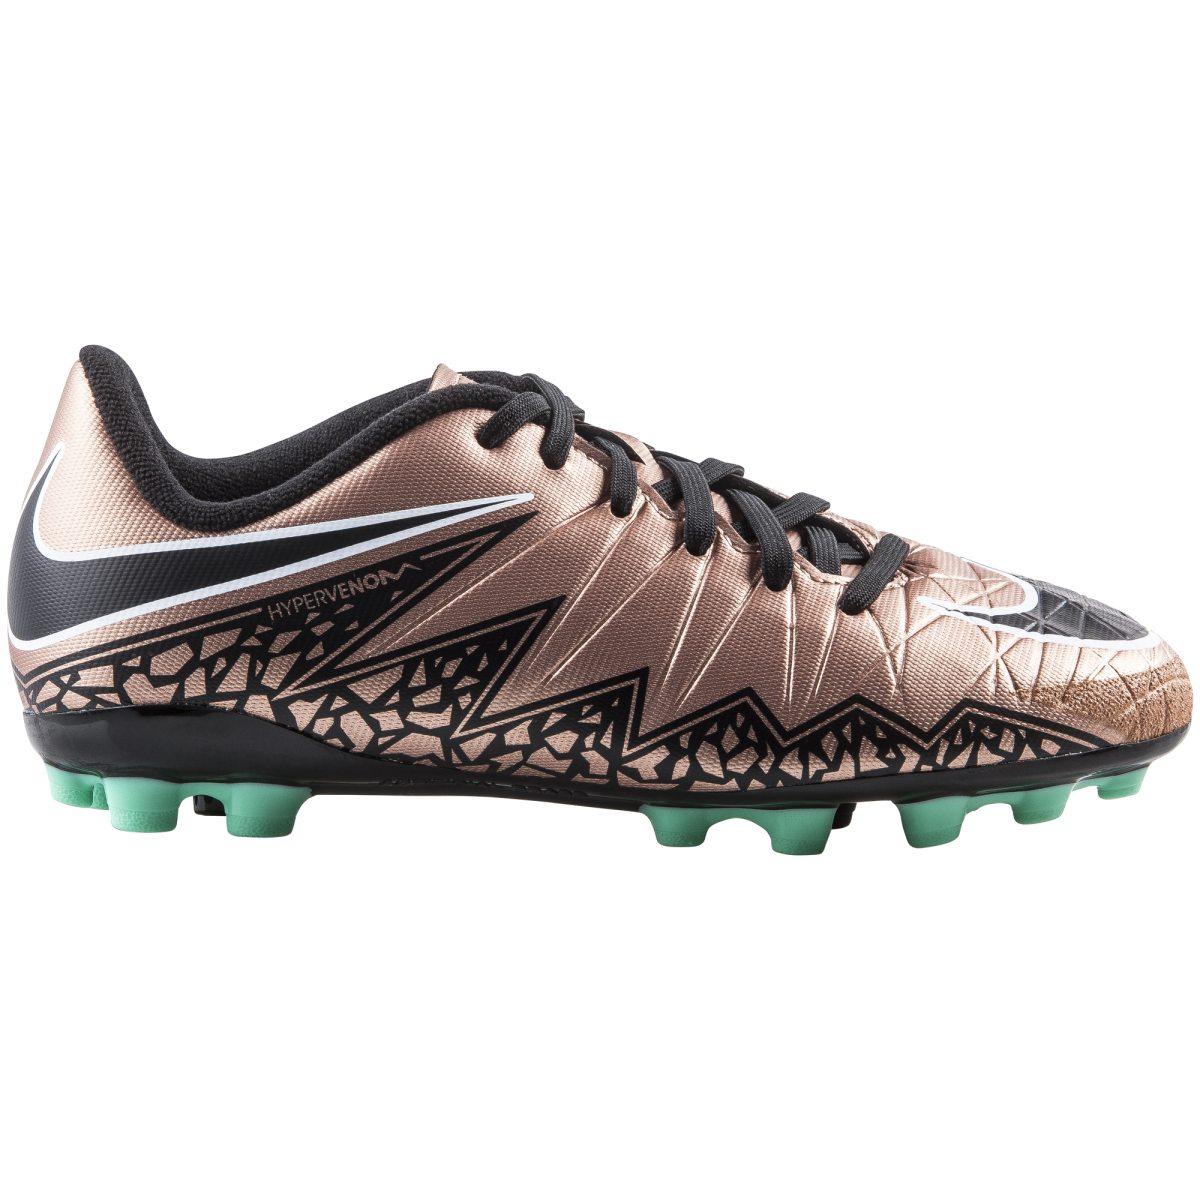 size 40 8ee47 98282 nike hypervenom phelon ii ag q1 16 fotbollssko junior fotbollsskor